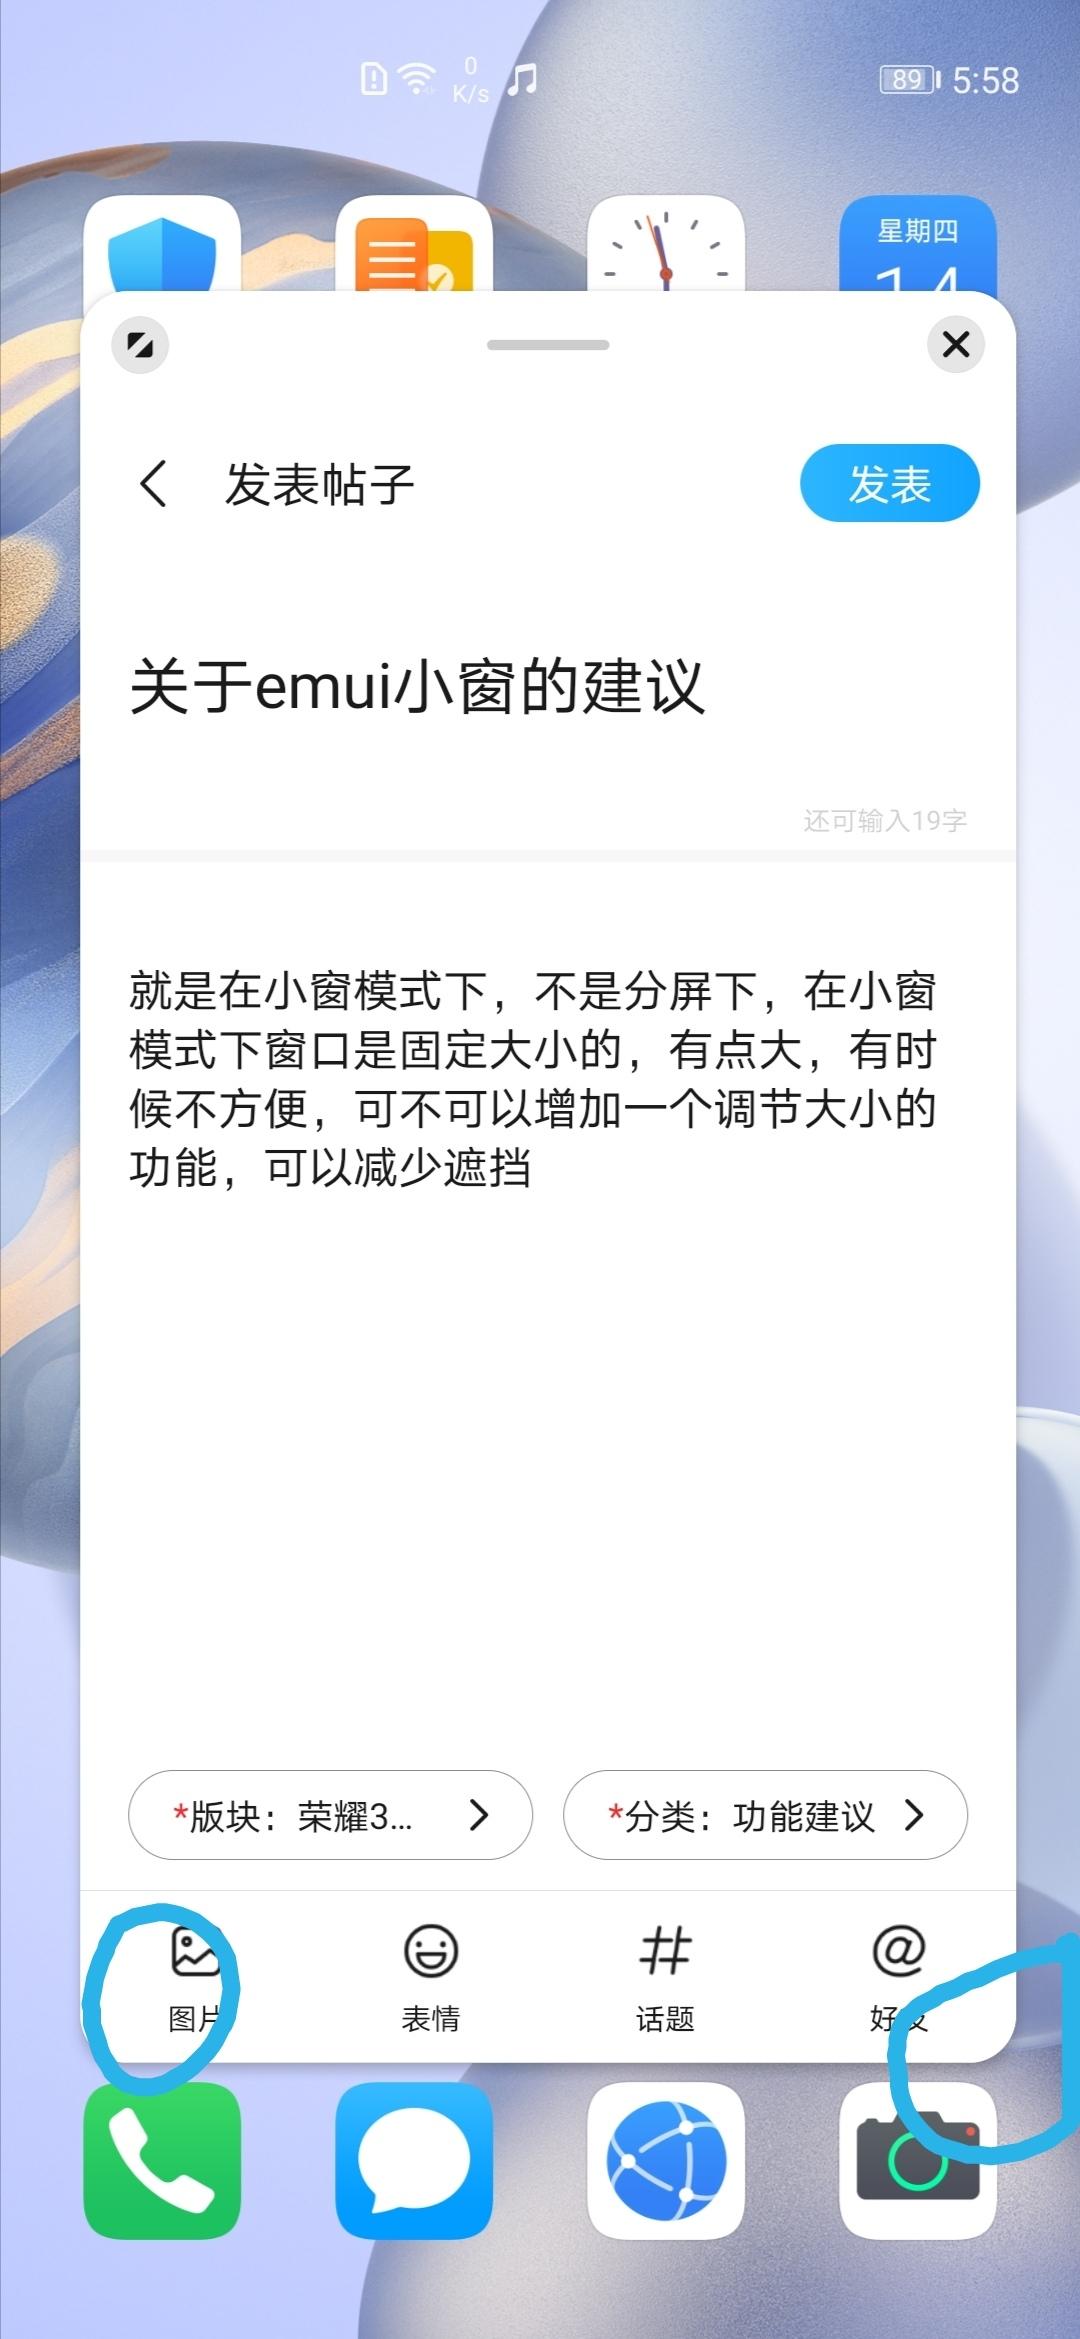 Screenshot_20200514_180124.jpg